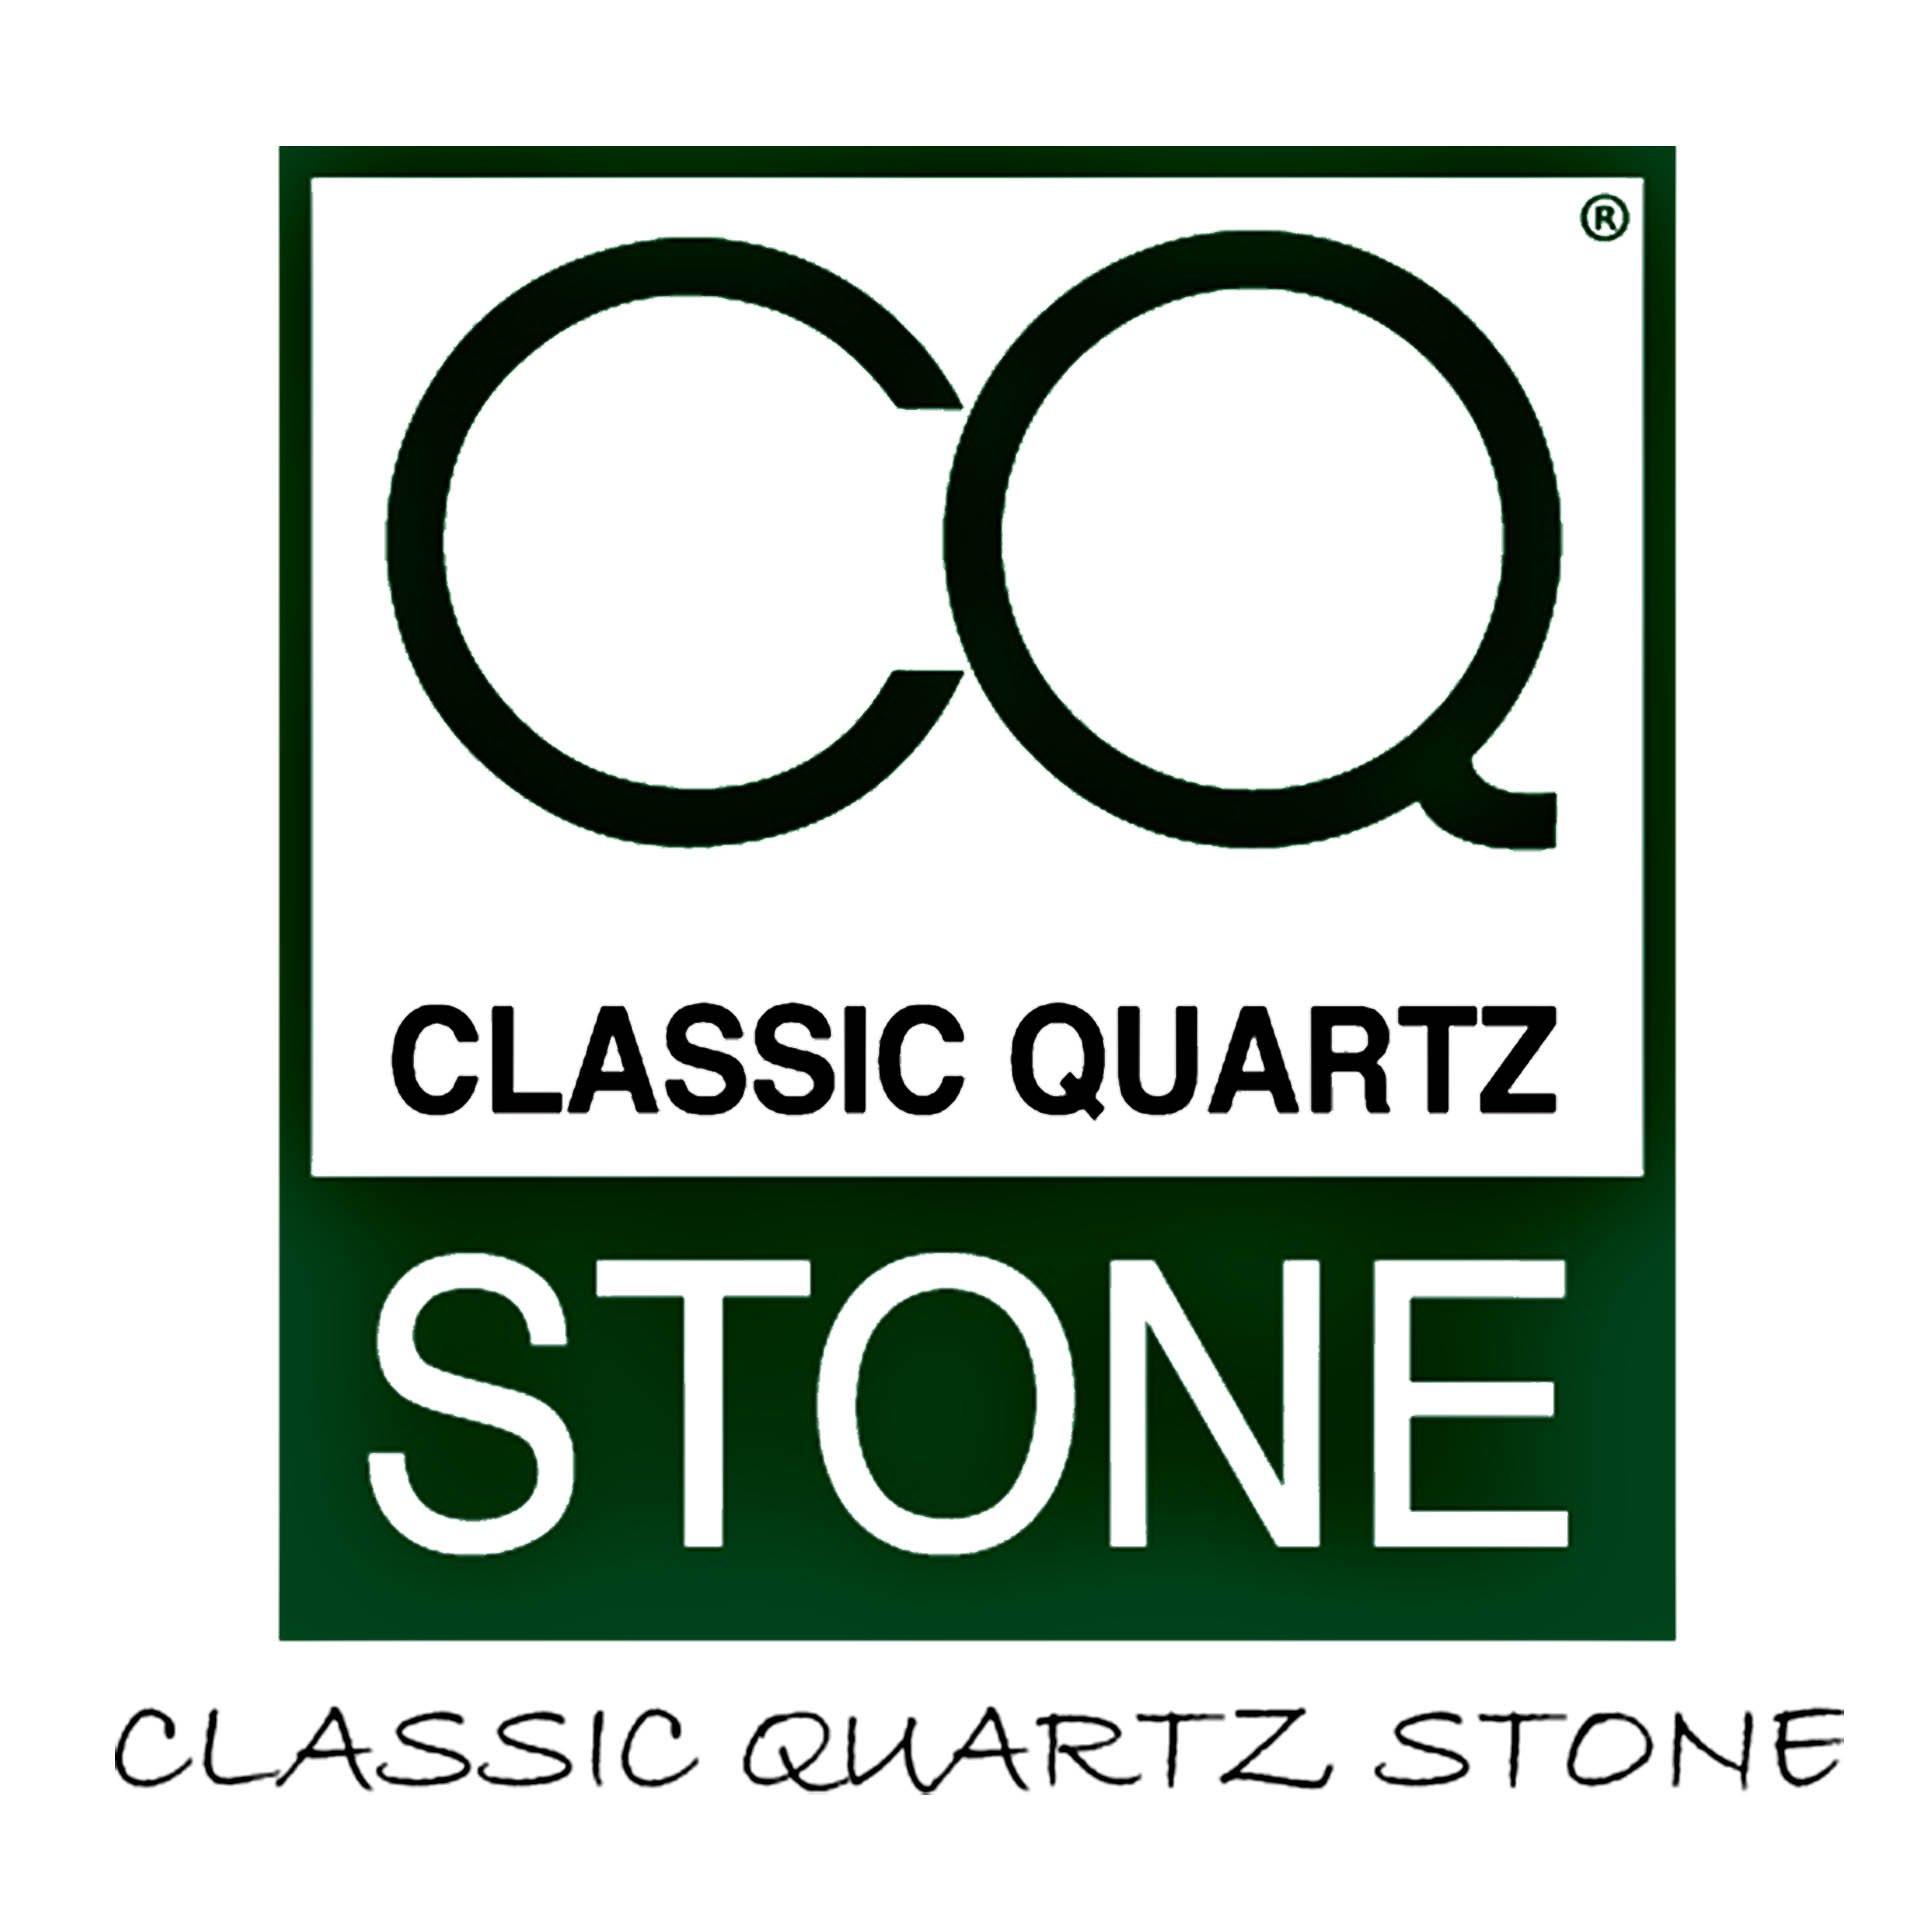 CQS-Stone-UK classic quartz logo